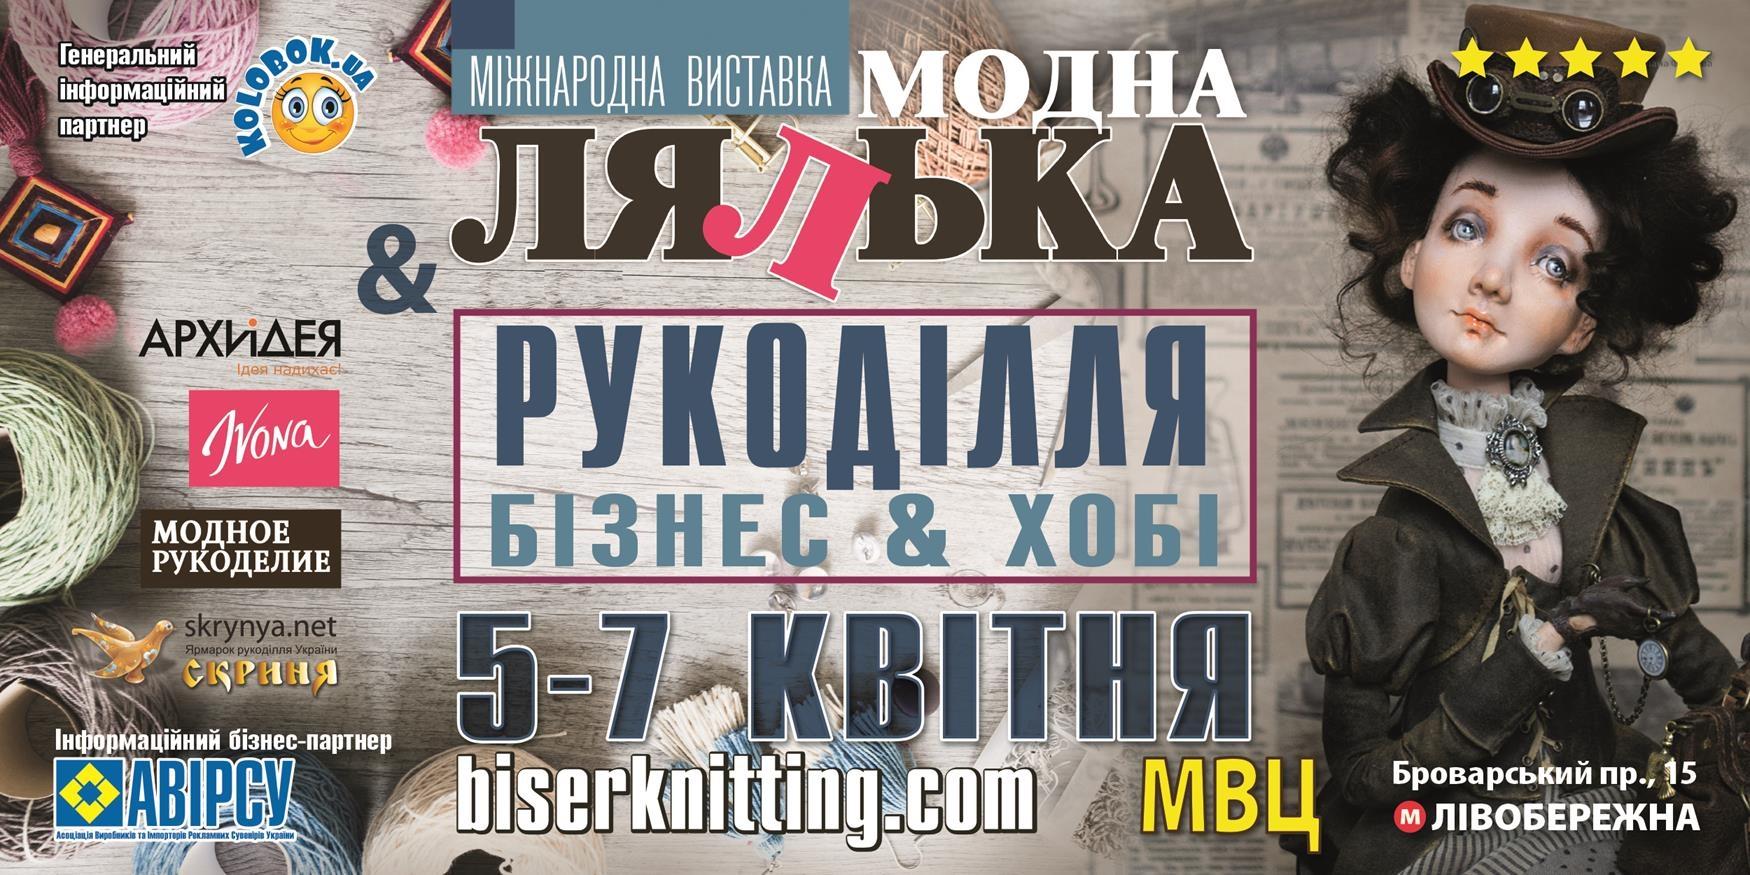 В Киеве пройдет масштабная выставка-ярмарка игрушек